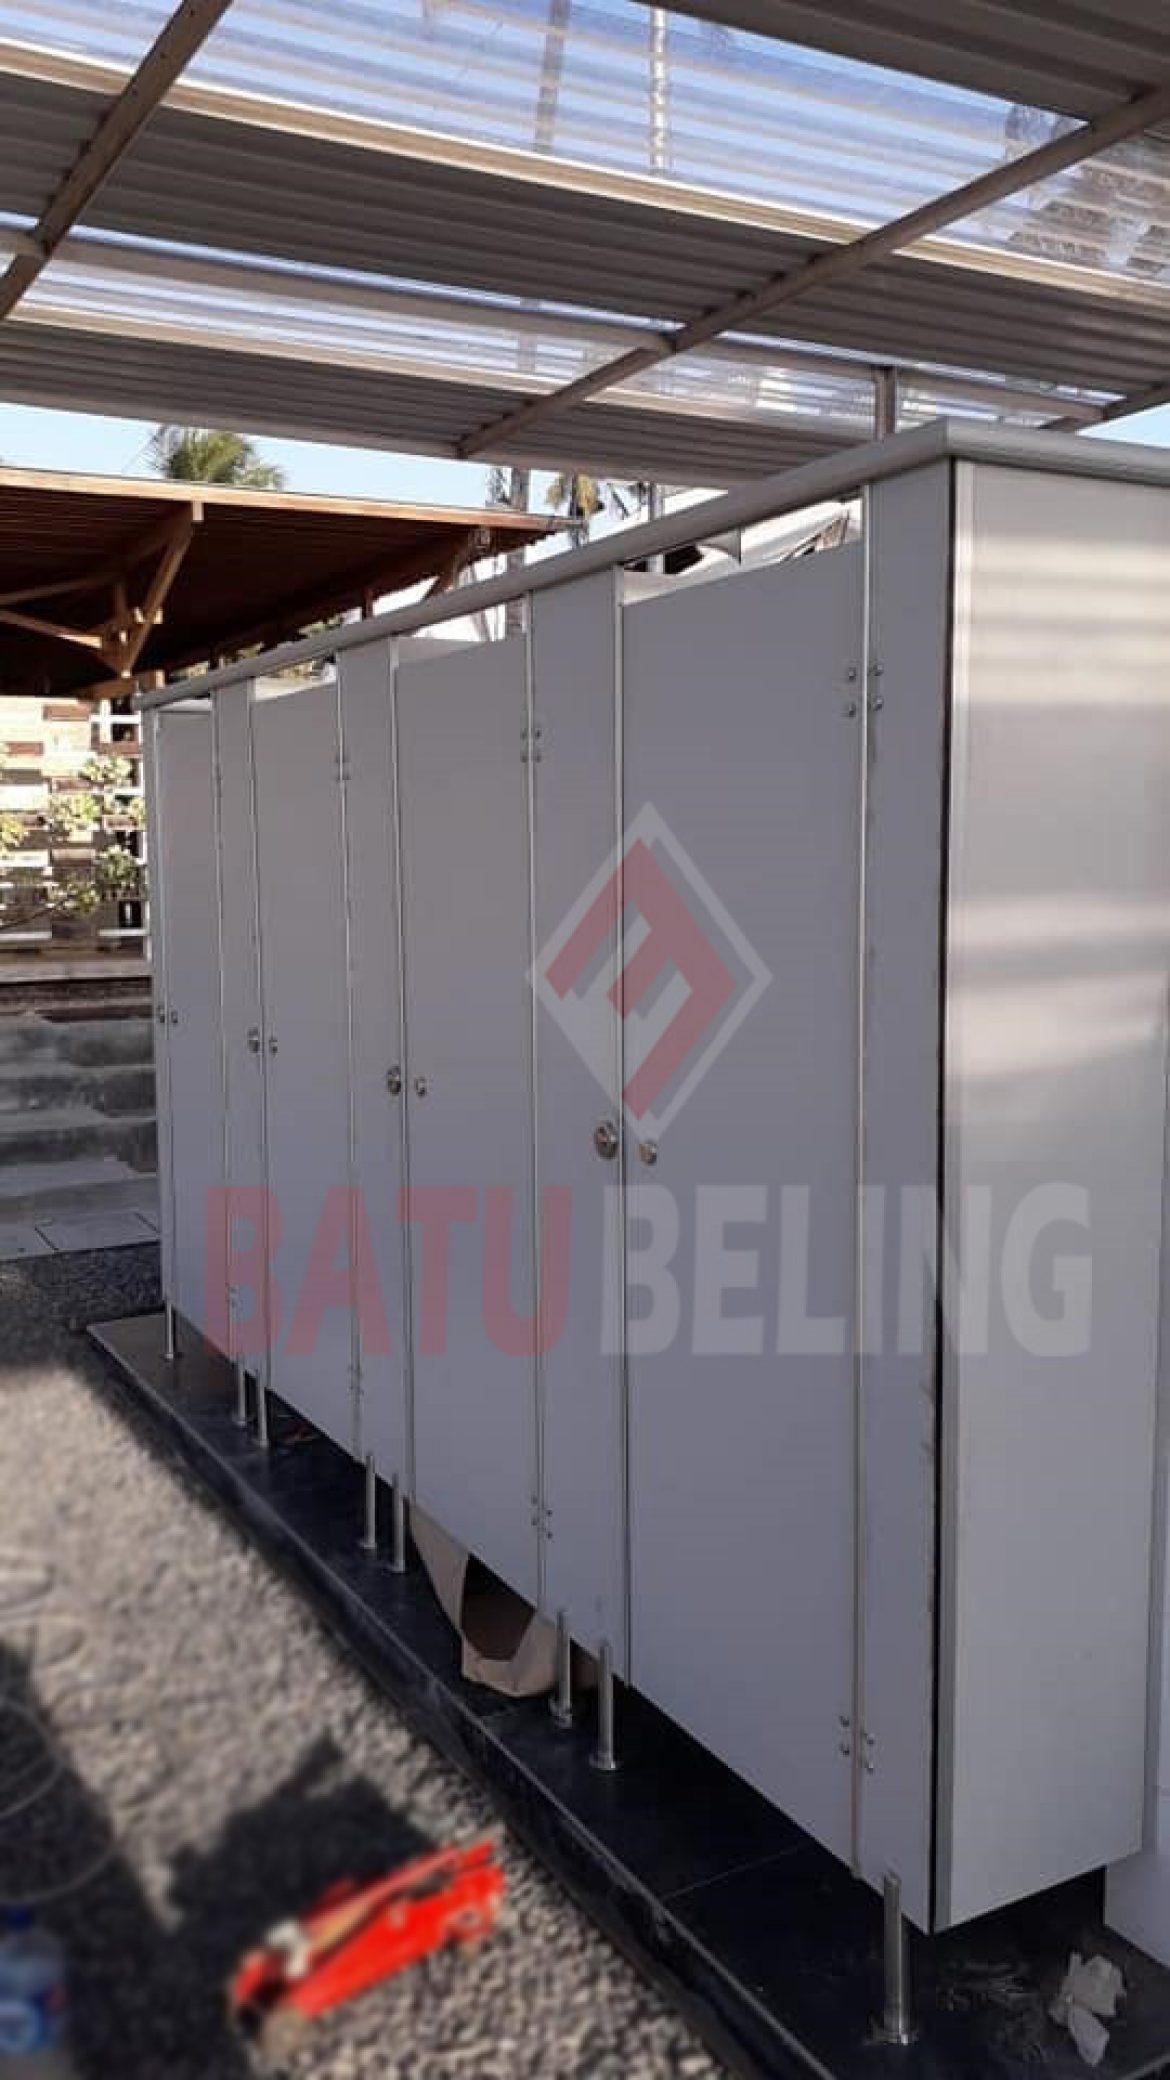 Cubicle Toilet di Area Terbuka Wisata Pantai Watu Dodol Banyuwangi